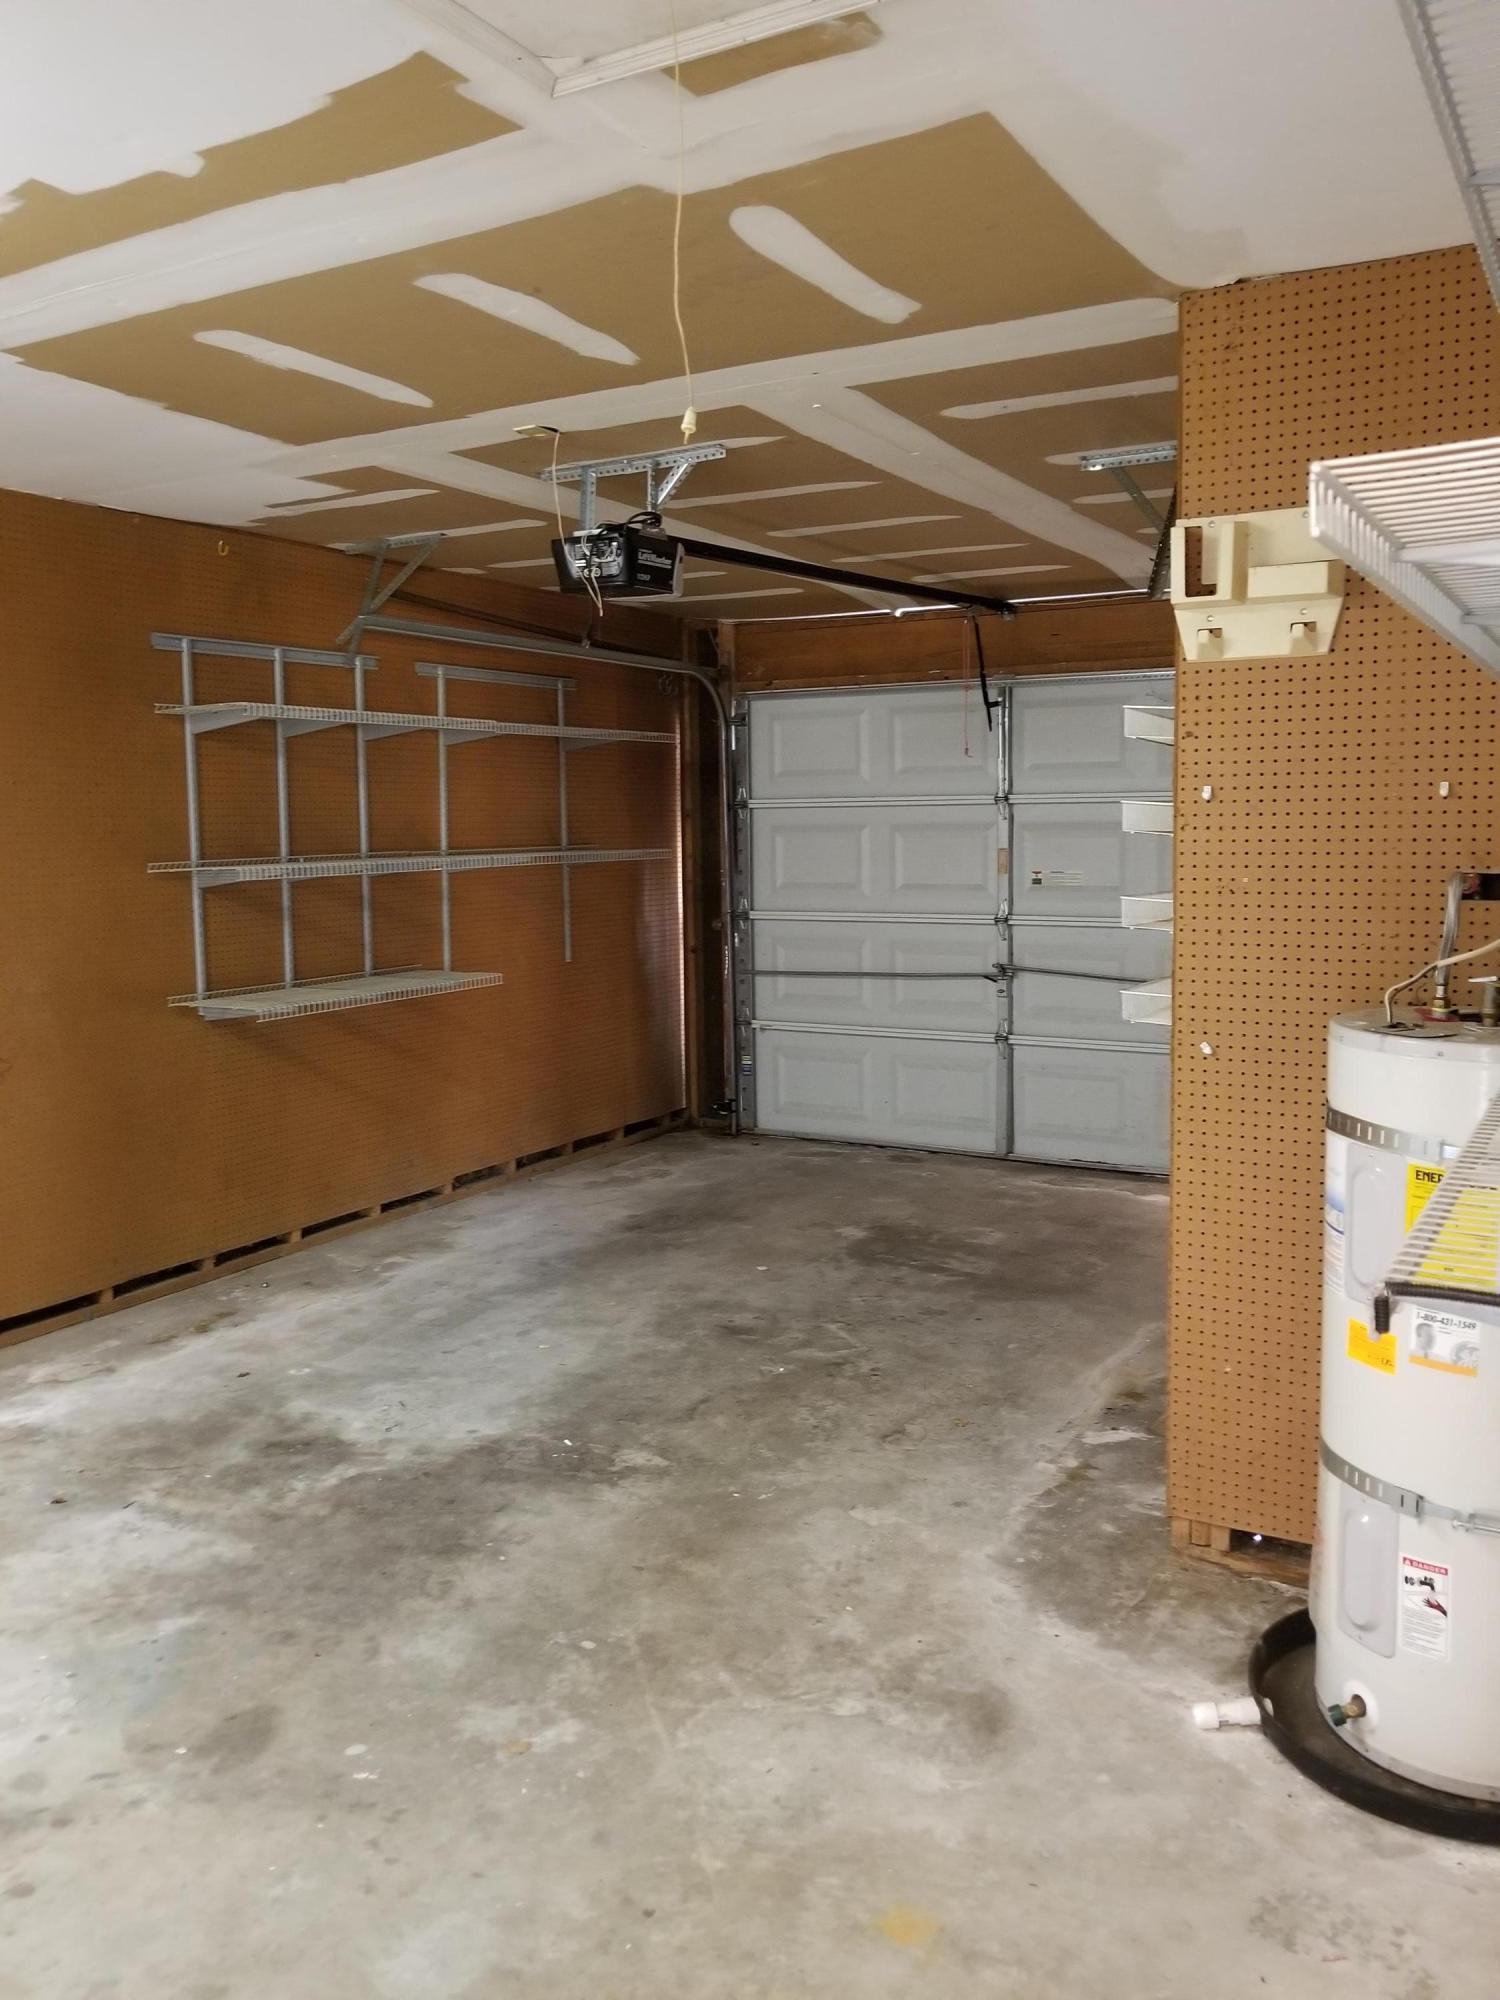 Photo of 104 Coronet St, Summerville, SC 29483